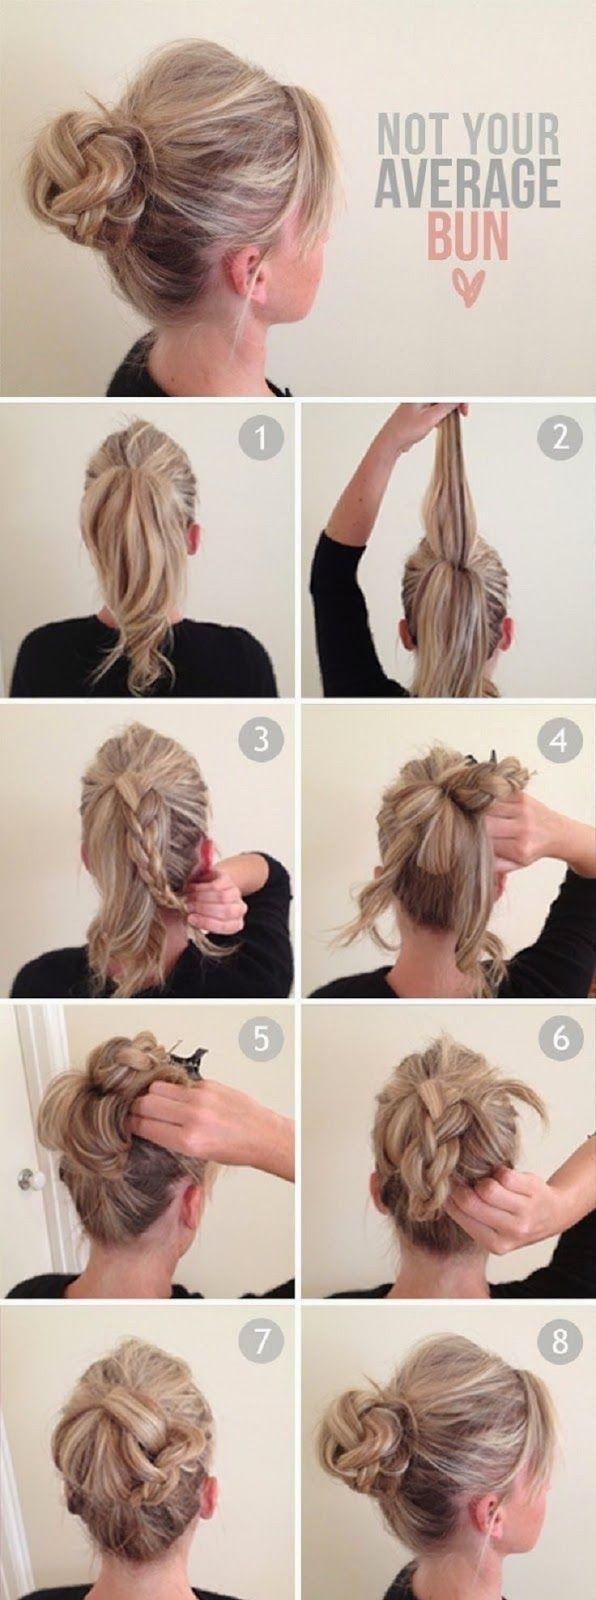 TÔ DE MI: Penteados Fáceis: Tranças